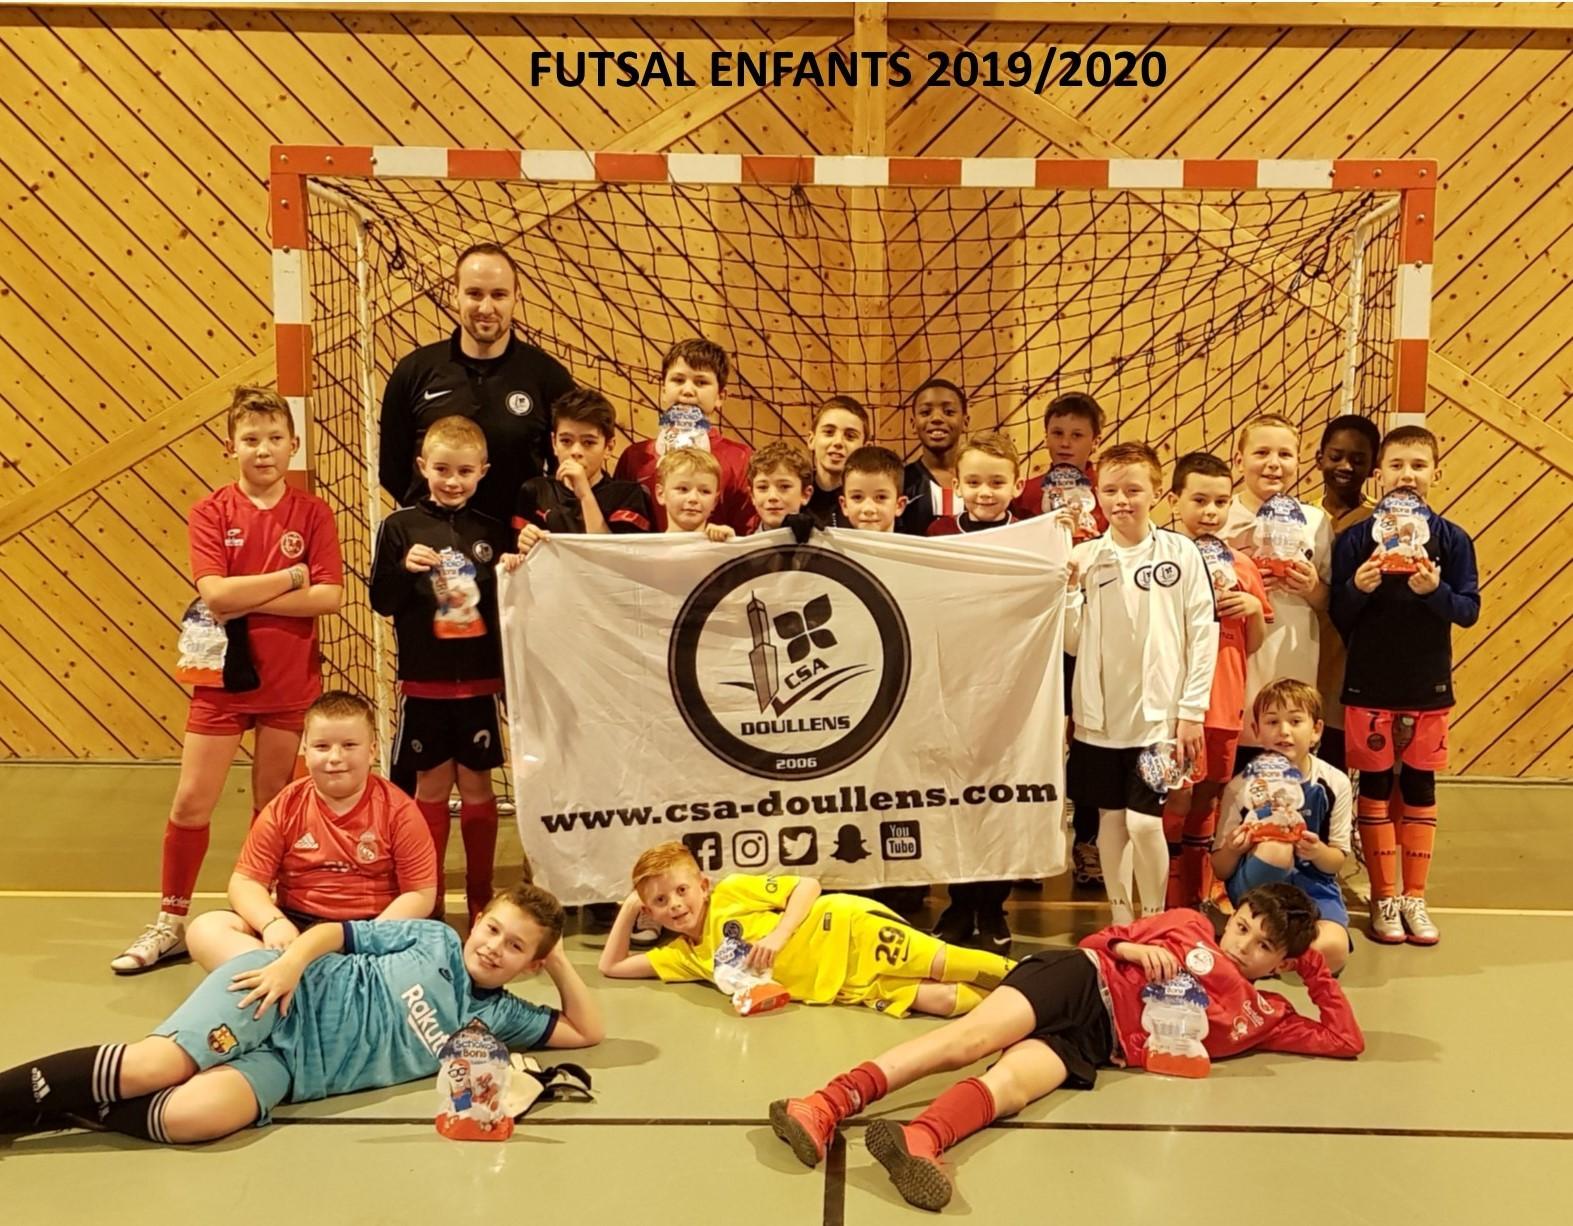 Futsal 2019/2020